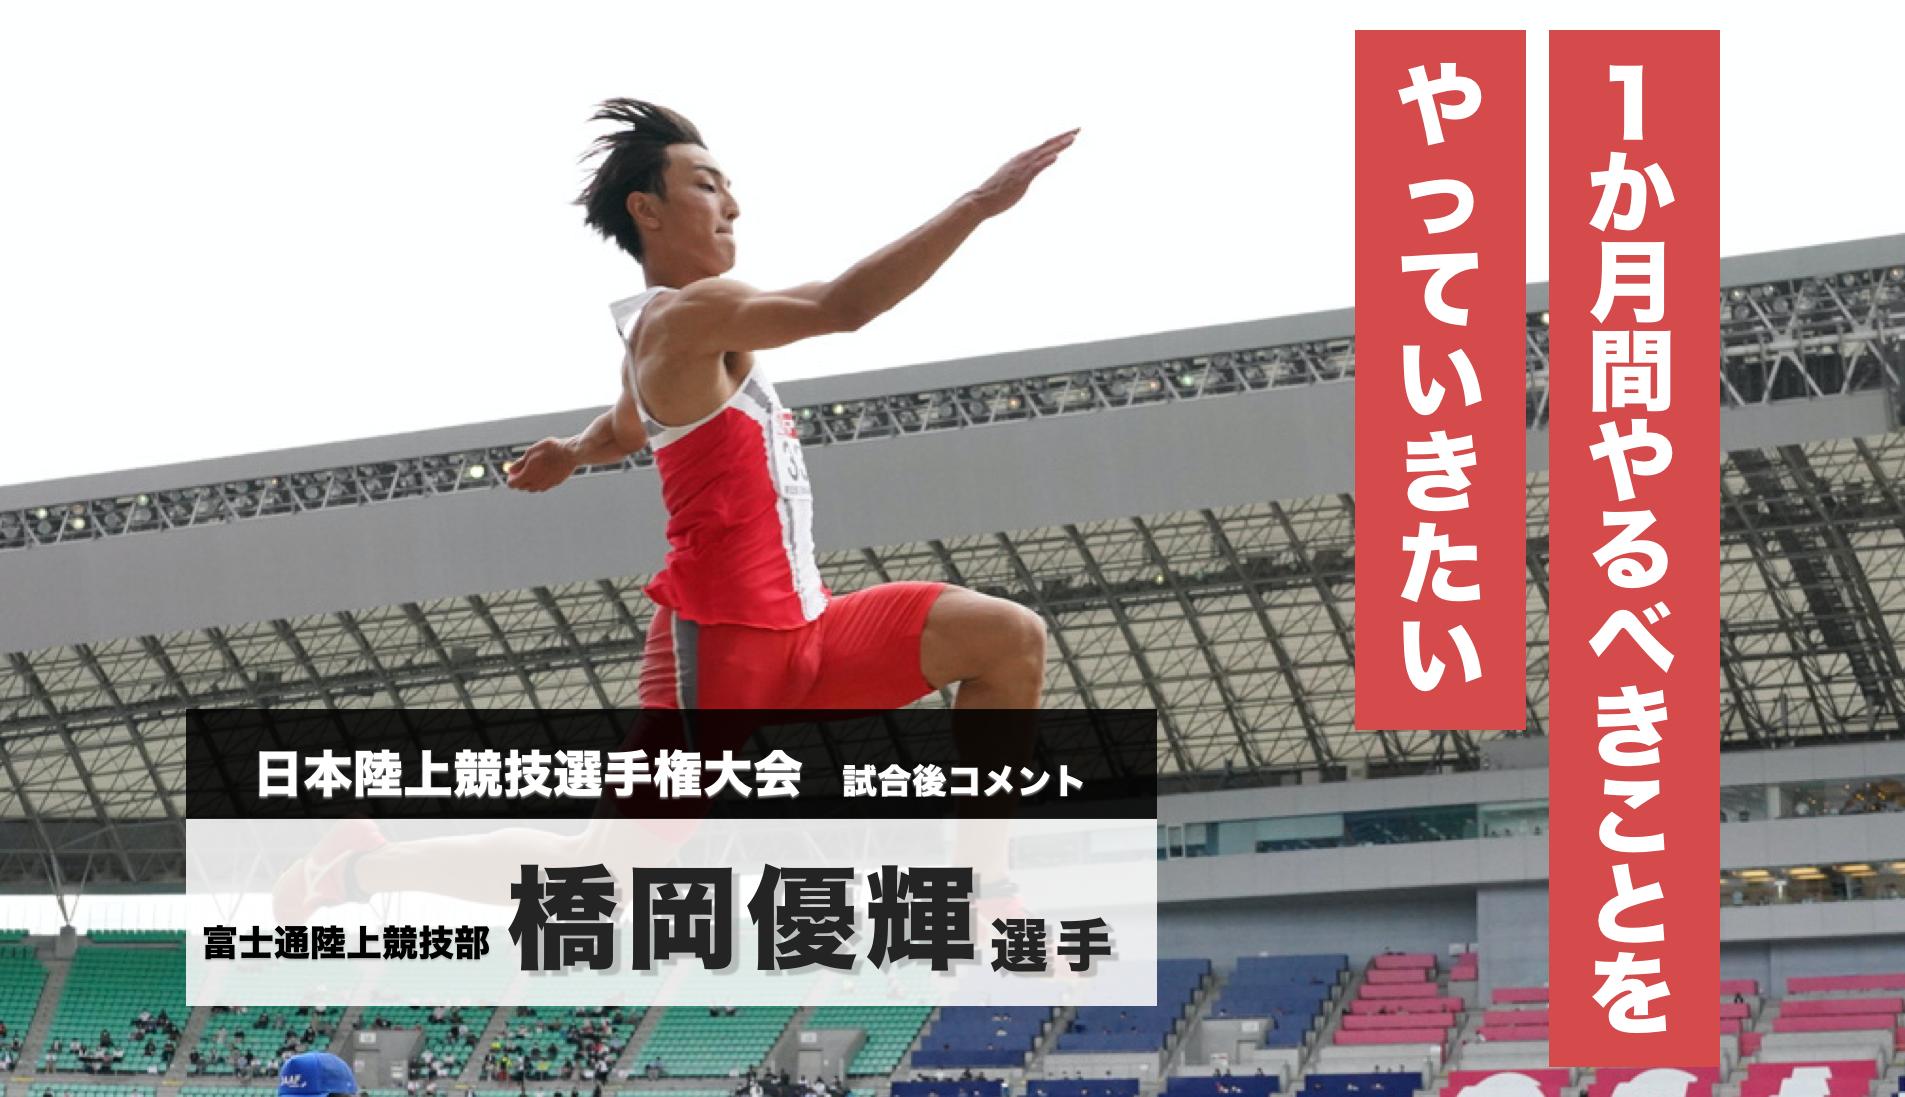 橋岡優輝選手試合後コメント/…